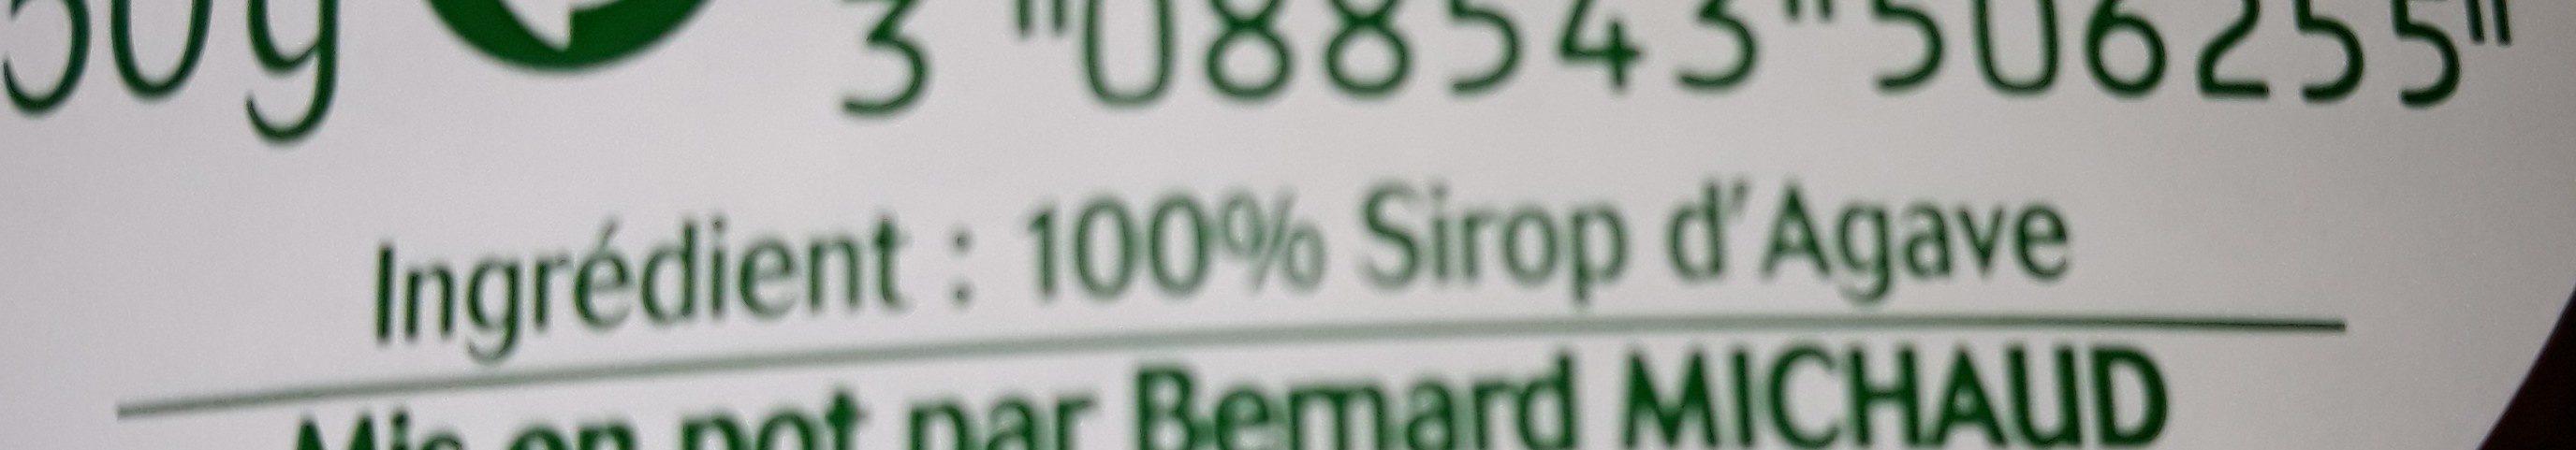 Sirop d'agave - Ingredienti - fr